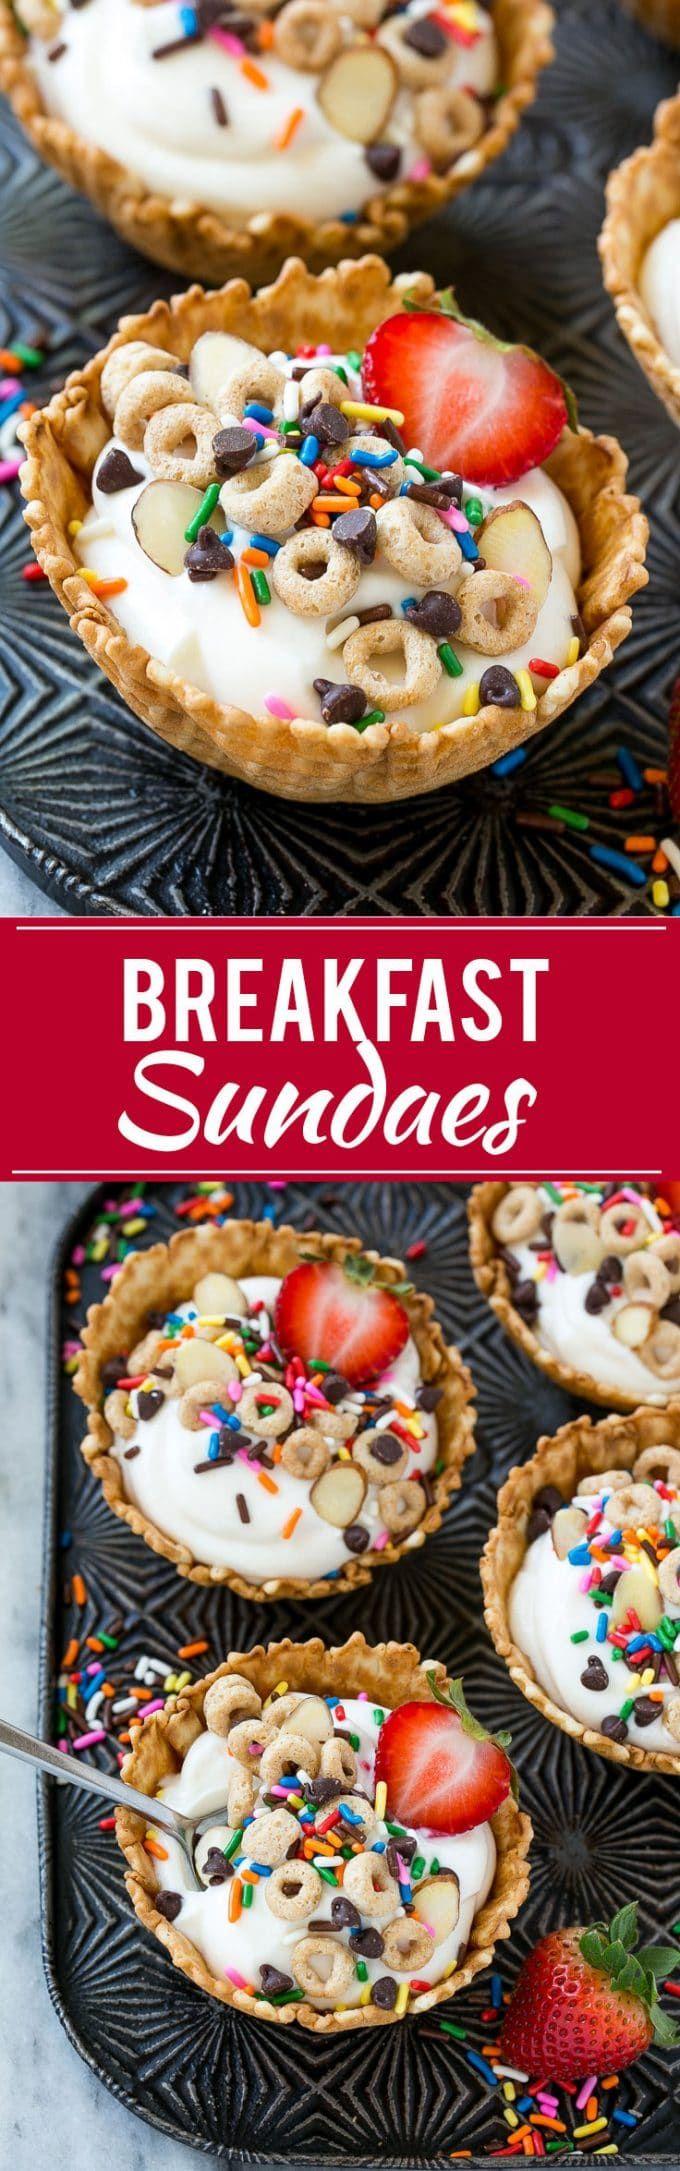 Breakfast Sundae Recipe | Breakfast Sundaes | Easy Breakfast | Cereal Sundaes | Easy Cereal Breakfast